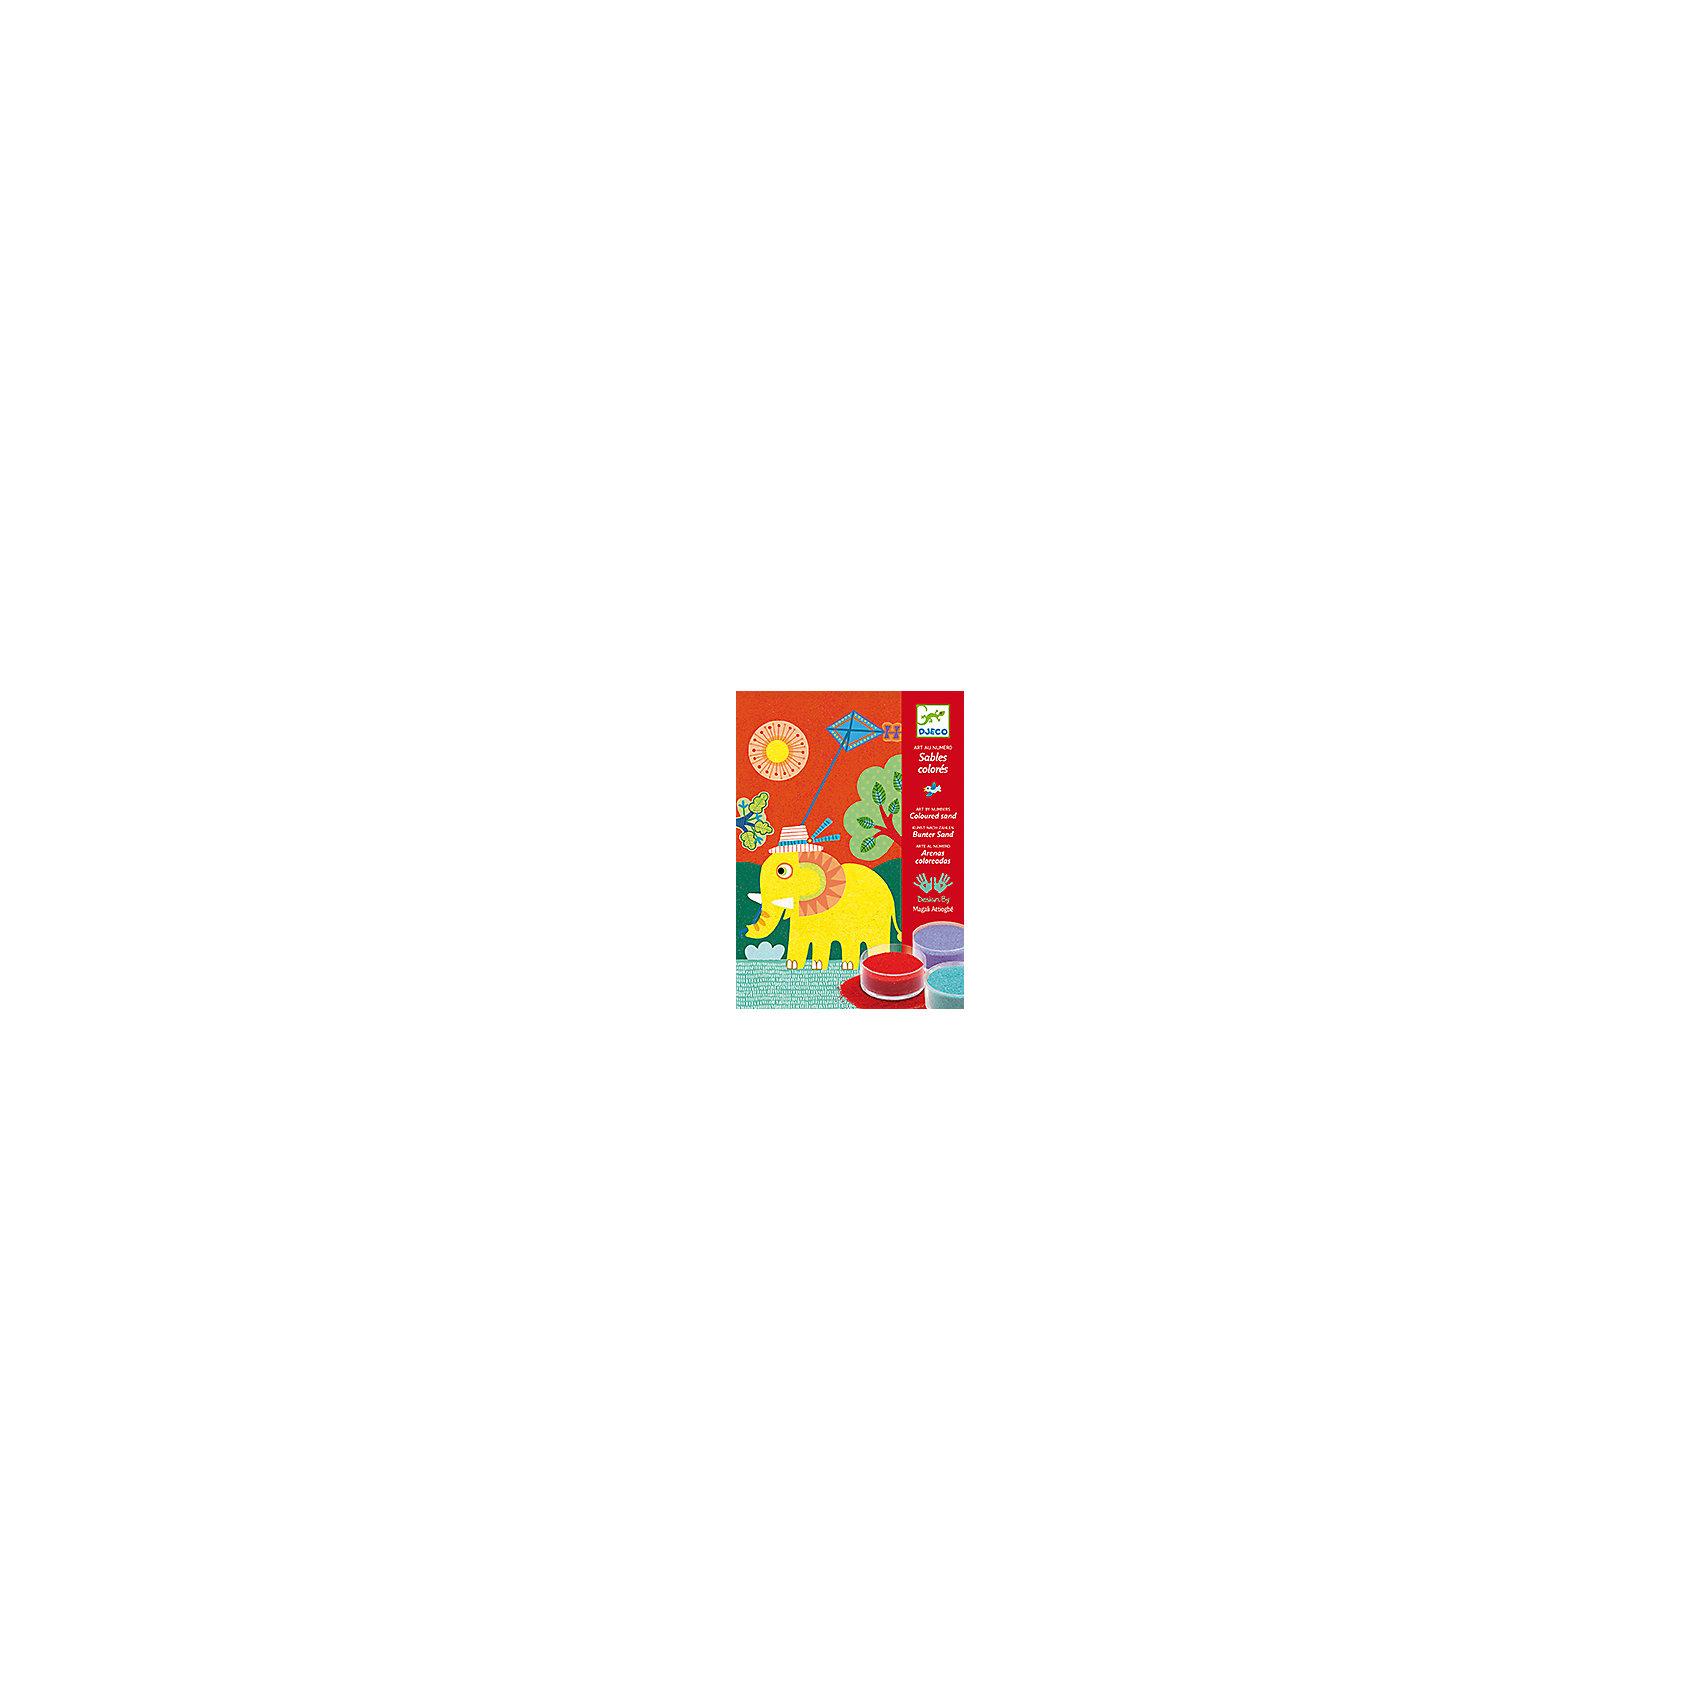 Набор цветного песка На природеКартины из песка<br>Набор цветного песка На природе - это набор для создания 4 красивых картинок из песка по номерам с изображением зверушек на прогулке.<br>Набор предназначен На природе - это уникальная раскраска для создания картинок, изображающих слоненка, щенка, медвежонка, котенка с помощью разноцветного песка. На картинке-основе нанесен контур рисунка, фрагменты рисунка крупные. Каждая деталь отмечена цифрой соответственно номеру цветного песка. Коробка, в которой продается набор - рабочая поверхность. Раскрашивать картинку лучше в ней, рабочее место останется чистым и лишний песок можно высыпать через специальное отверстие в коробке назад в баночку. Снимите защитную пленку с одной из деталей рисунка (если это сделать сложно воспользуйтесь шпателем), посыпьте тем цветом песка, номер которого обозначен на этом сегменте рисунка, лишний песок аккуратно снимите кисточкой. Не снимайте защитную пленку сразу с нескольких сегментов - песок перемешается и рисунок потеряет аккуратную форму! Раскрашивать рисунок лучше начинать с верхнего края картинки и постепенно опускаться вниз. Вашему ребенку обязательно понравится делать картины из песка. Готовая картина станет прекрасным подарком, сделанным своими руками, или же дополнит интерьер детской комнаты. Рисование песком - это игровое и художественное занятие, способствующее развитию чувства гармонии, ловкости рук и креативности.<br><br>Дополнительная информация:<br><br>- В наборе: 4 картинки из плотного картона (15х21 см), покрытые специальным безопасным клеем, 12 баночек разноцветного песка, 1 инструмент для распределения песка, пошаговая инструкция<br>- Размер упаковки: 23 х 16 х 4 см.<br>- Вес: 610гр.<br><br>Набор цветного песка На природе можно купить в нашем интернет-магазине.<br><br>Ширина мм: 230<br>Глубина мм: 160<br>Высота мм: 40<br>Вес г: 610<br>Возраст от месяцев: 48<br>Возраст до месяцев: 96<br>Пол: Унисекс<br>Возраст: Детский<br>SKU: 4305752